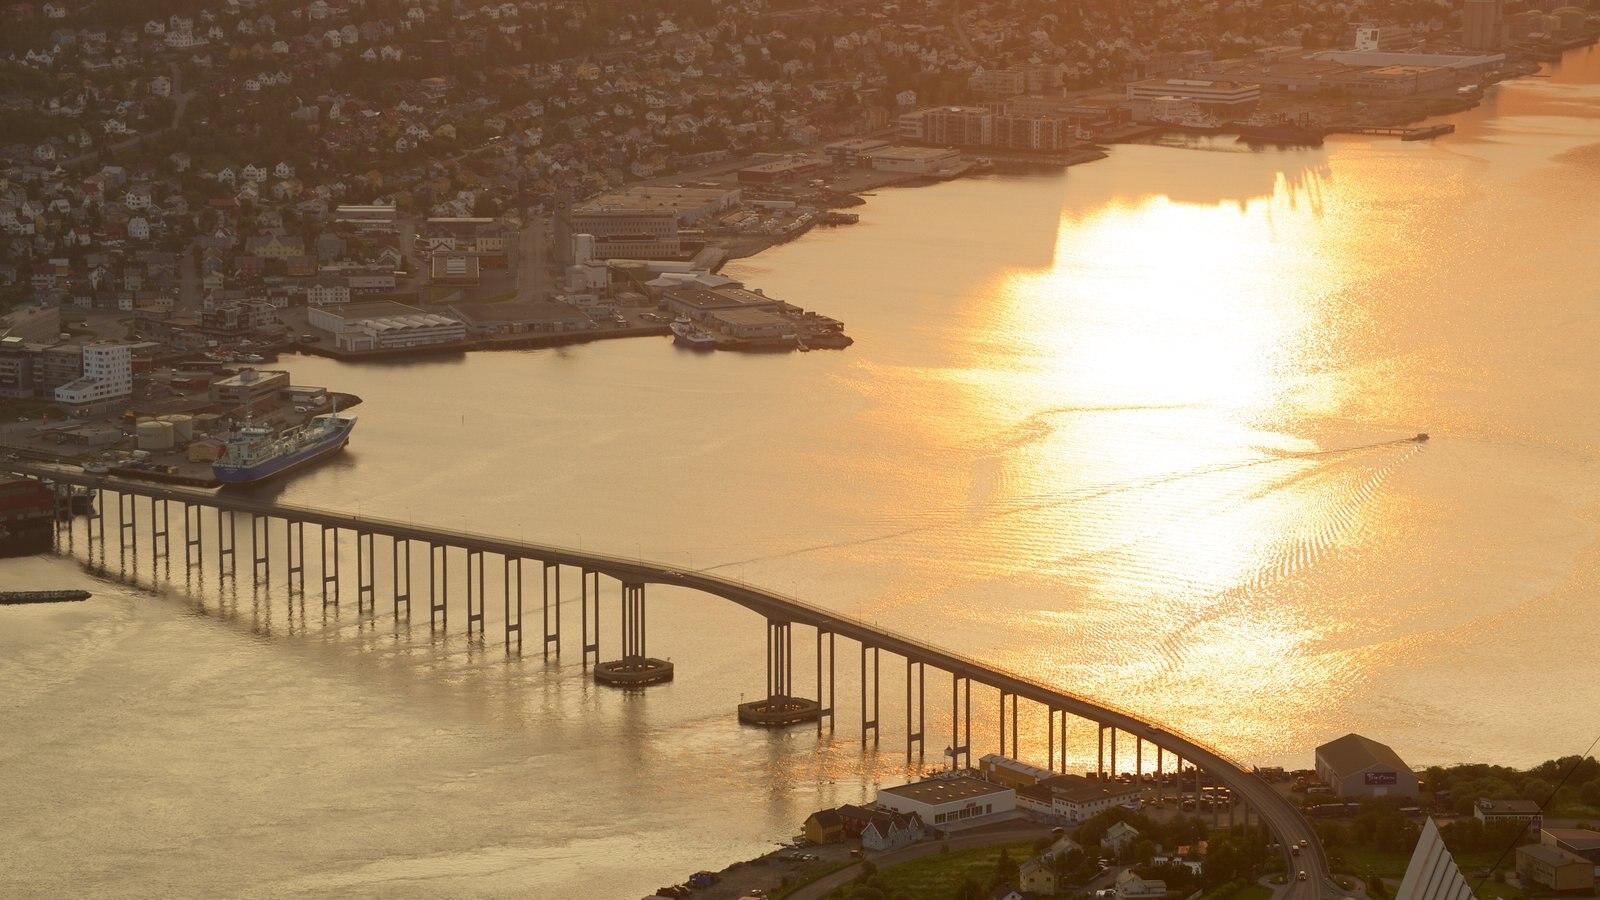 Tromso mostrando uma ponte, uma cidade e paisagens litorâneas